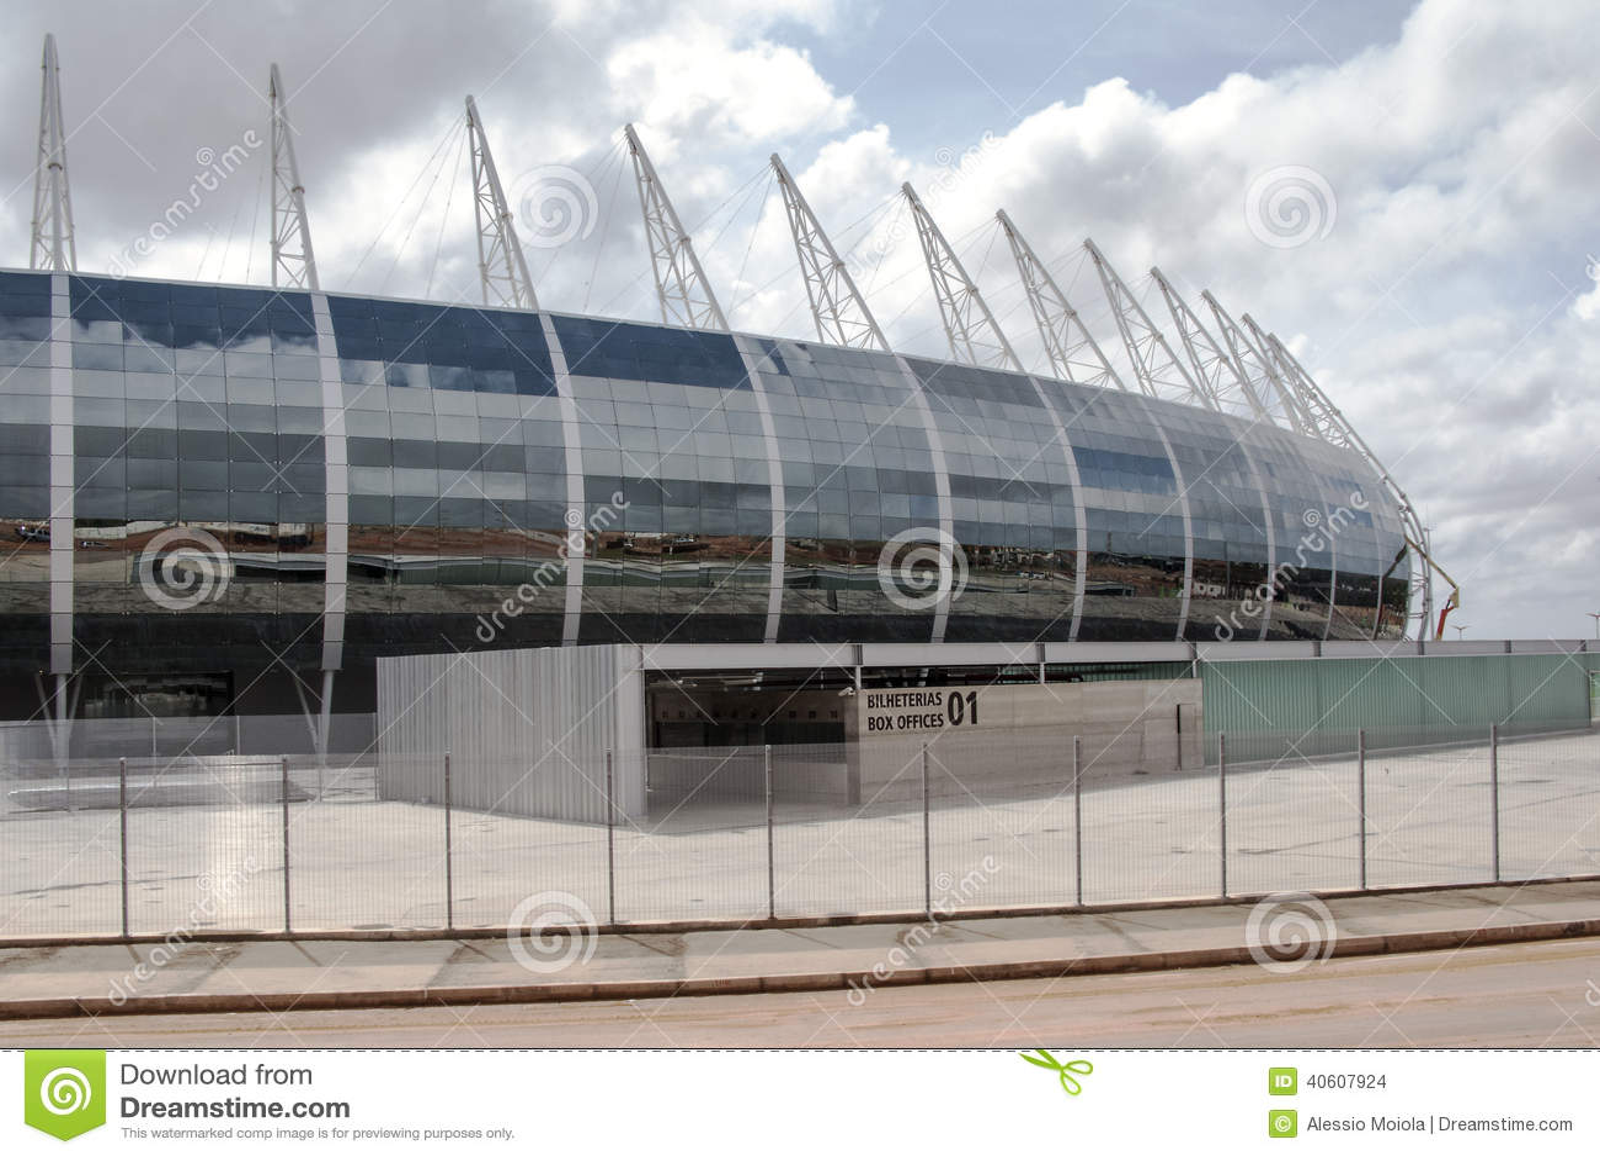 Stadion futbolowy Fortaleza, Brazylia